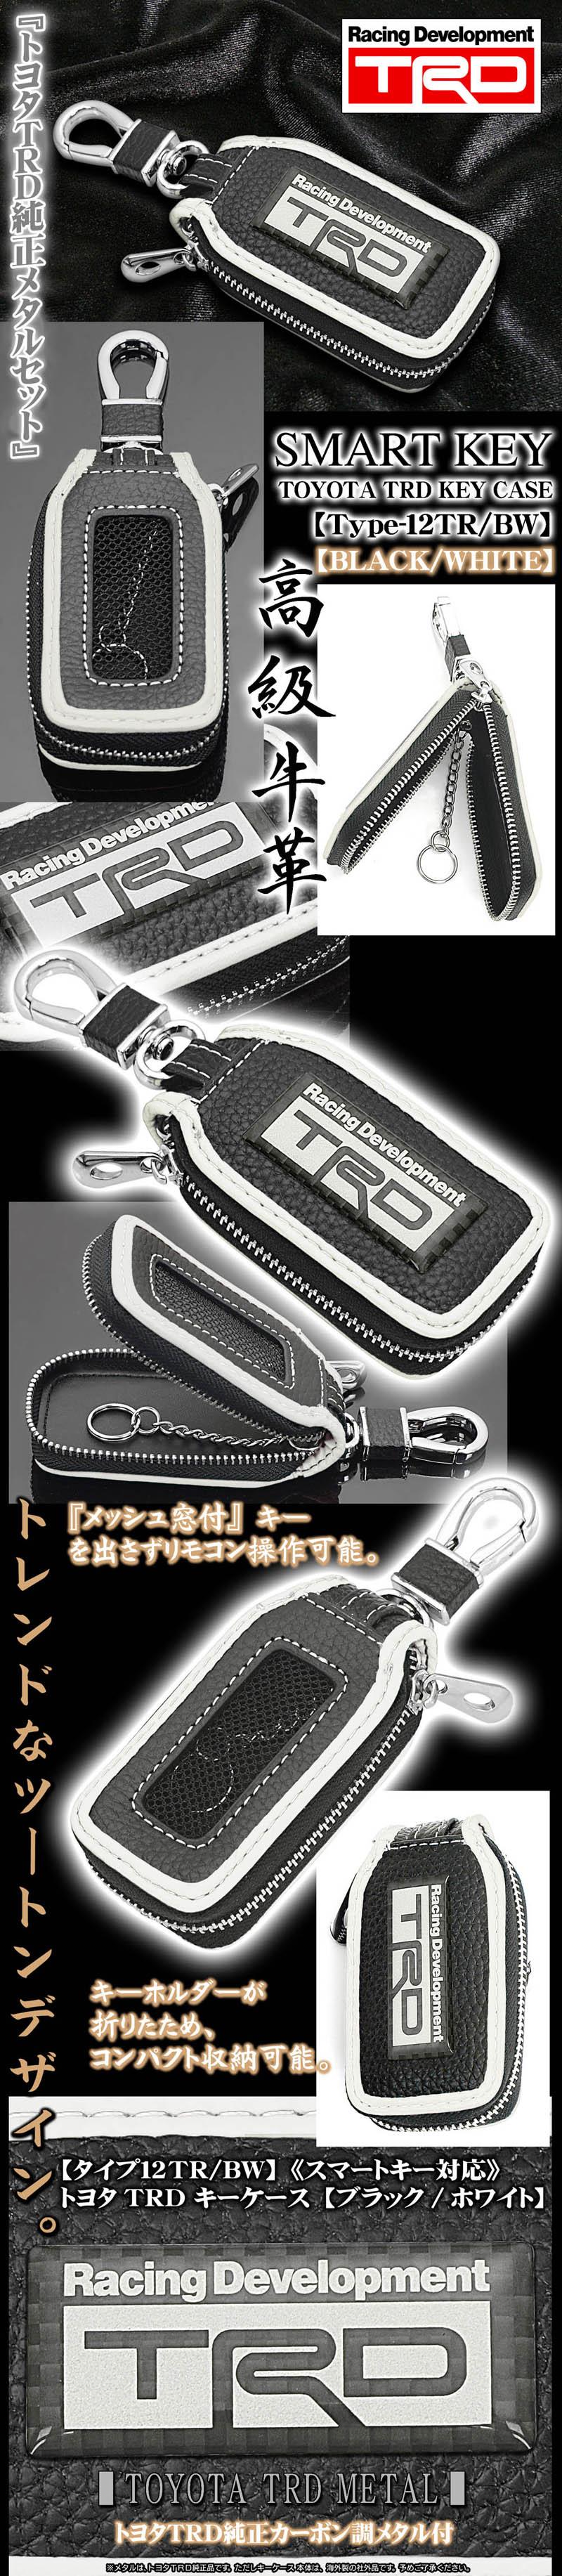 【タイプ12TR/BW】トヨタTRDキーケース《ブラック/ホワイト》TRD純正カーボン調メタル,キーホルダー,窓付/スマートキー対応/牛革製/ブラガ